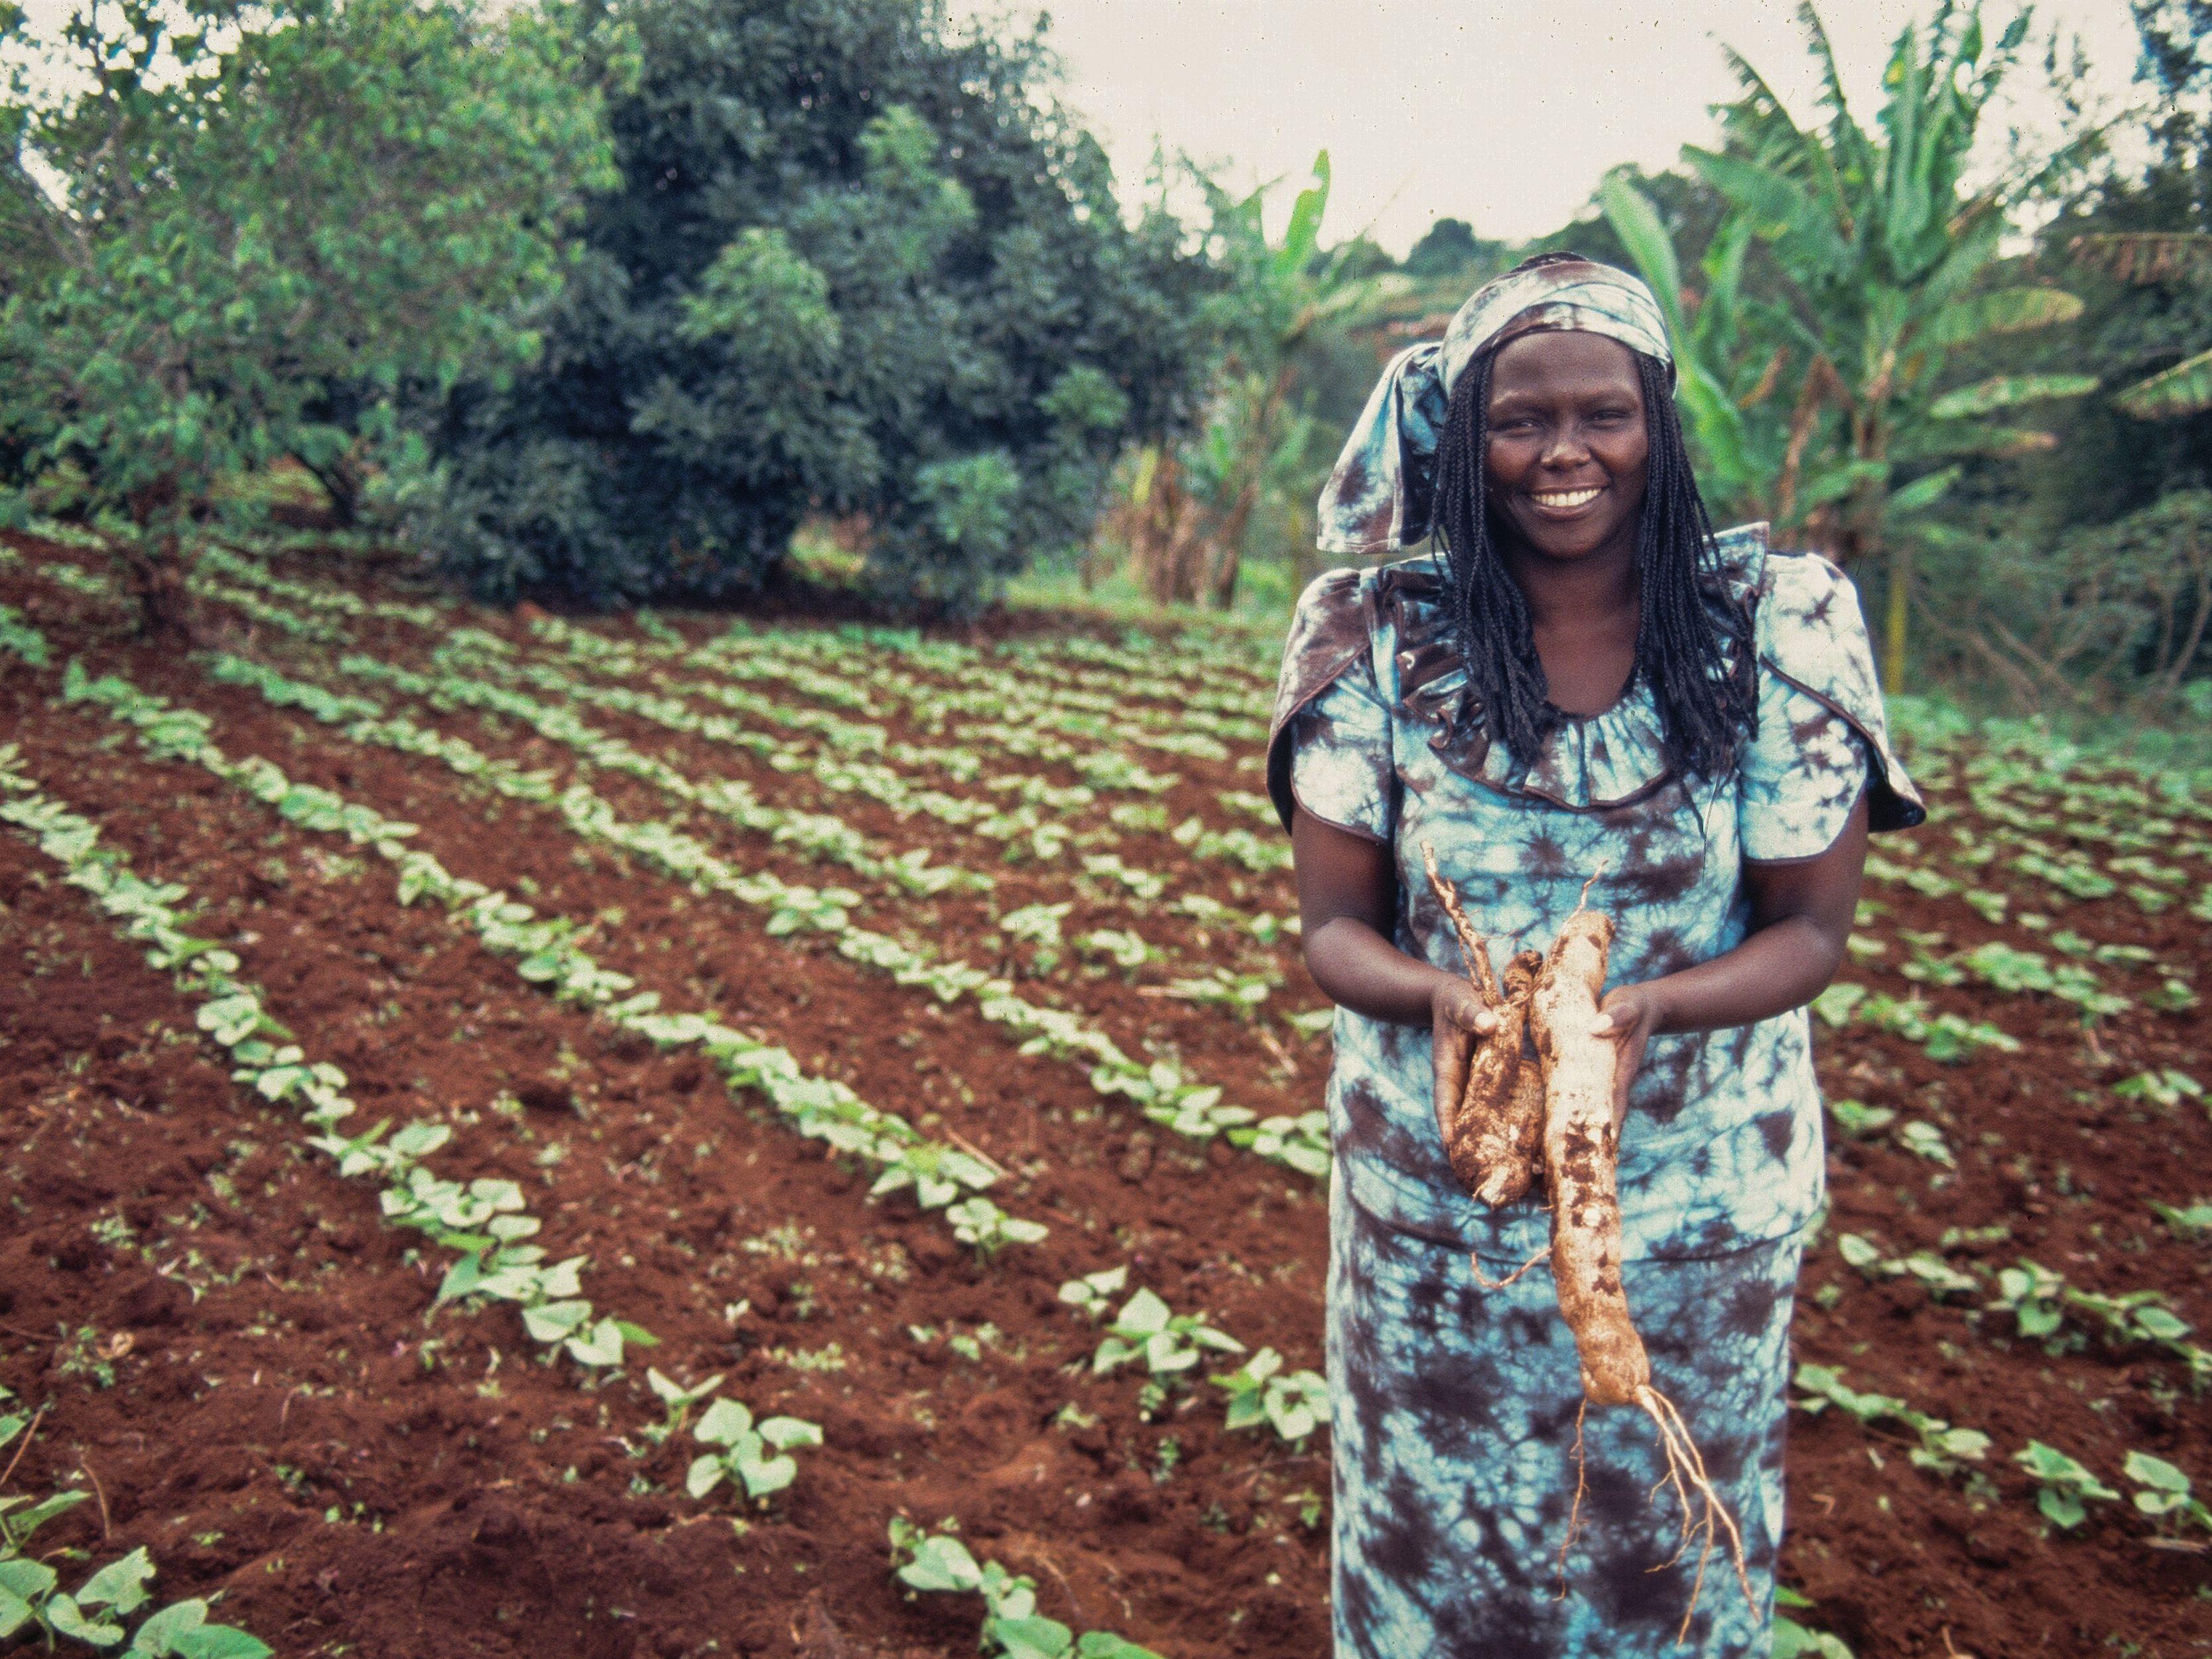 Wangari Maathai: Environmentalist, Nobel Peace Prize Winner